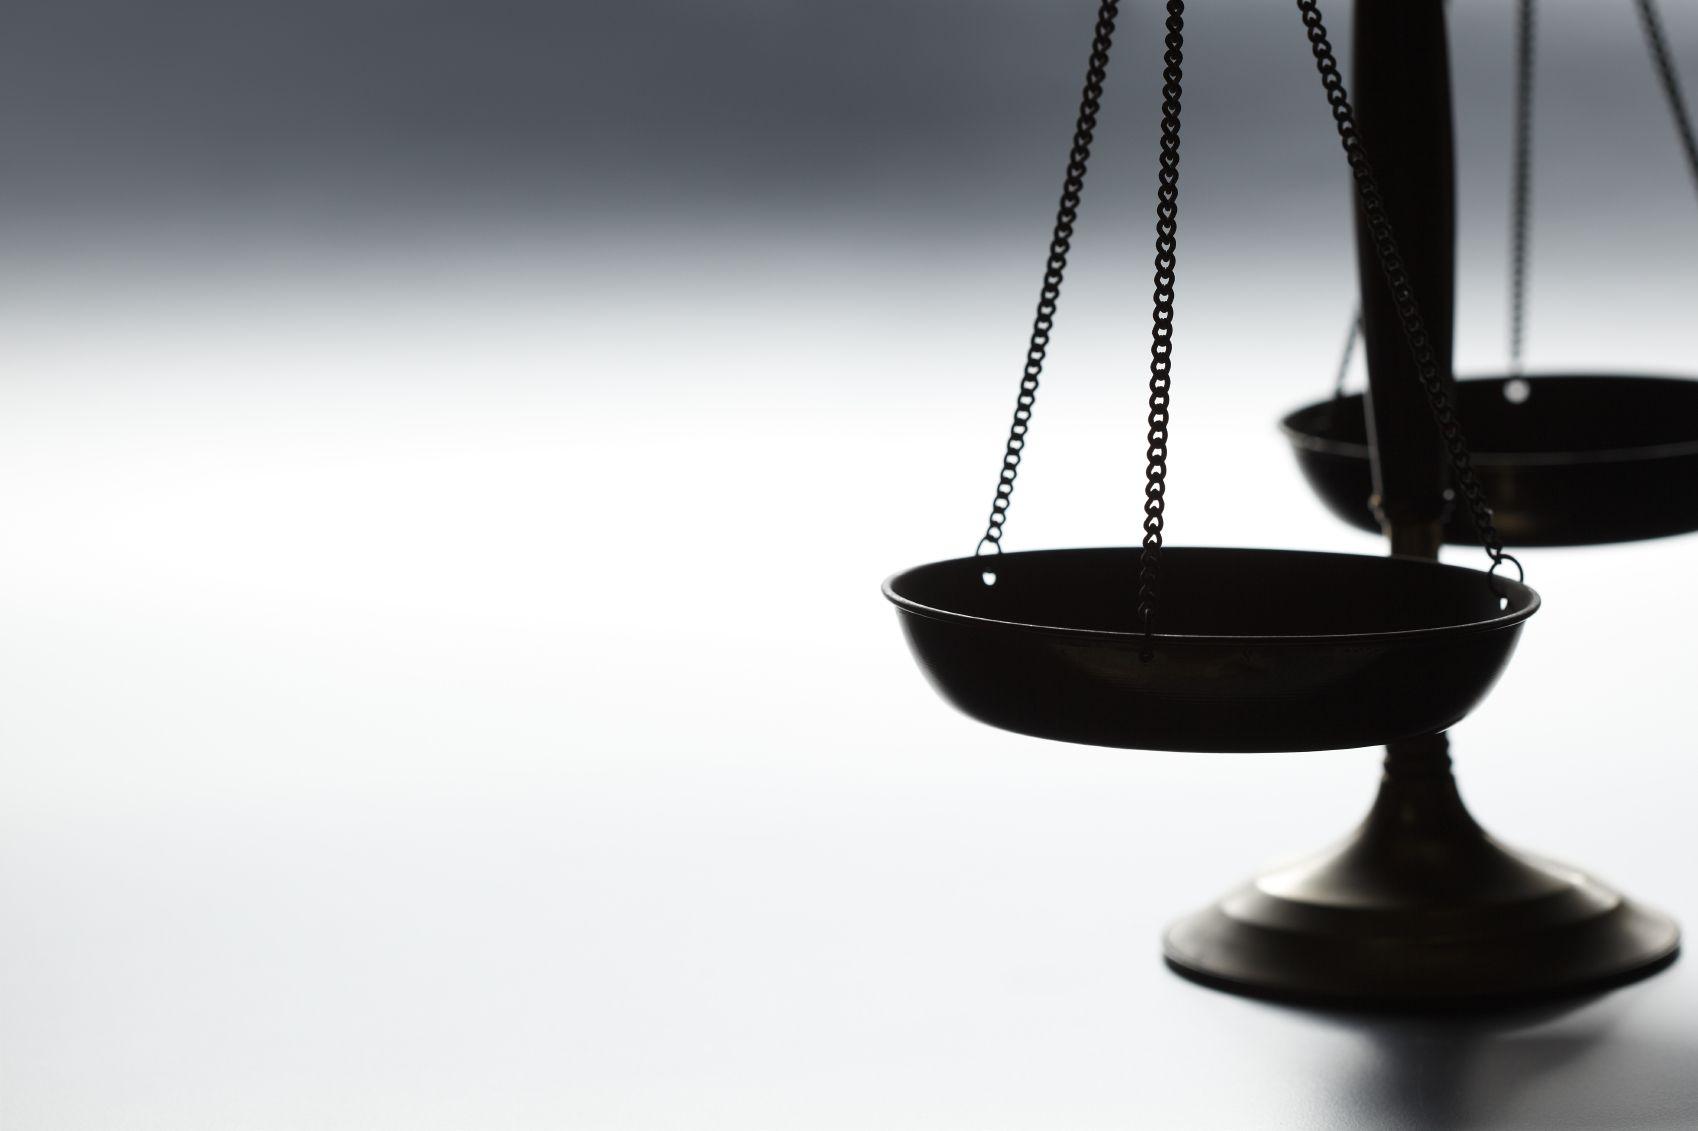 Eredità devoluta ad enti: nessuna decadenza dal diritto di accettare o dal beneficio di inventario